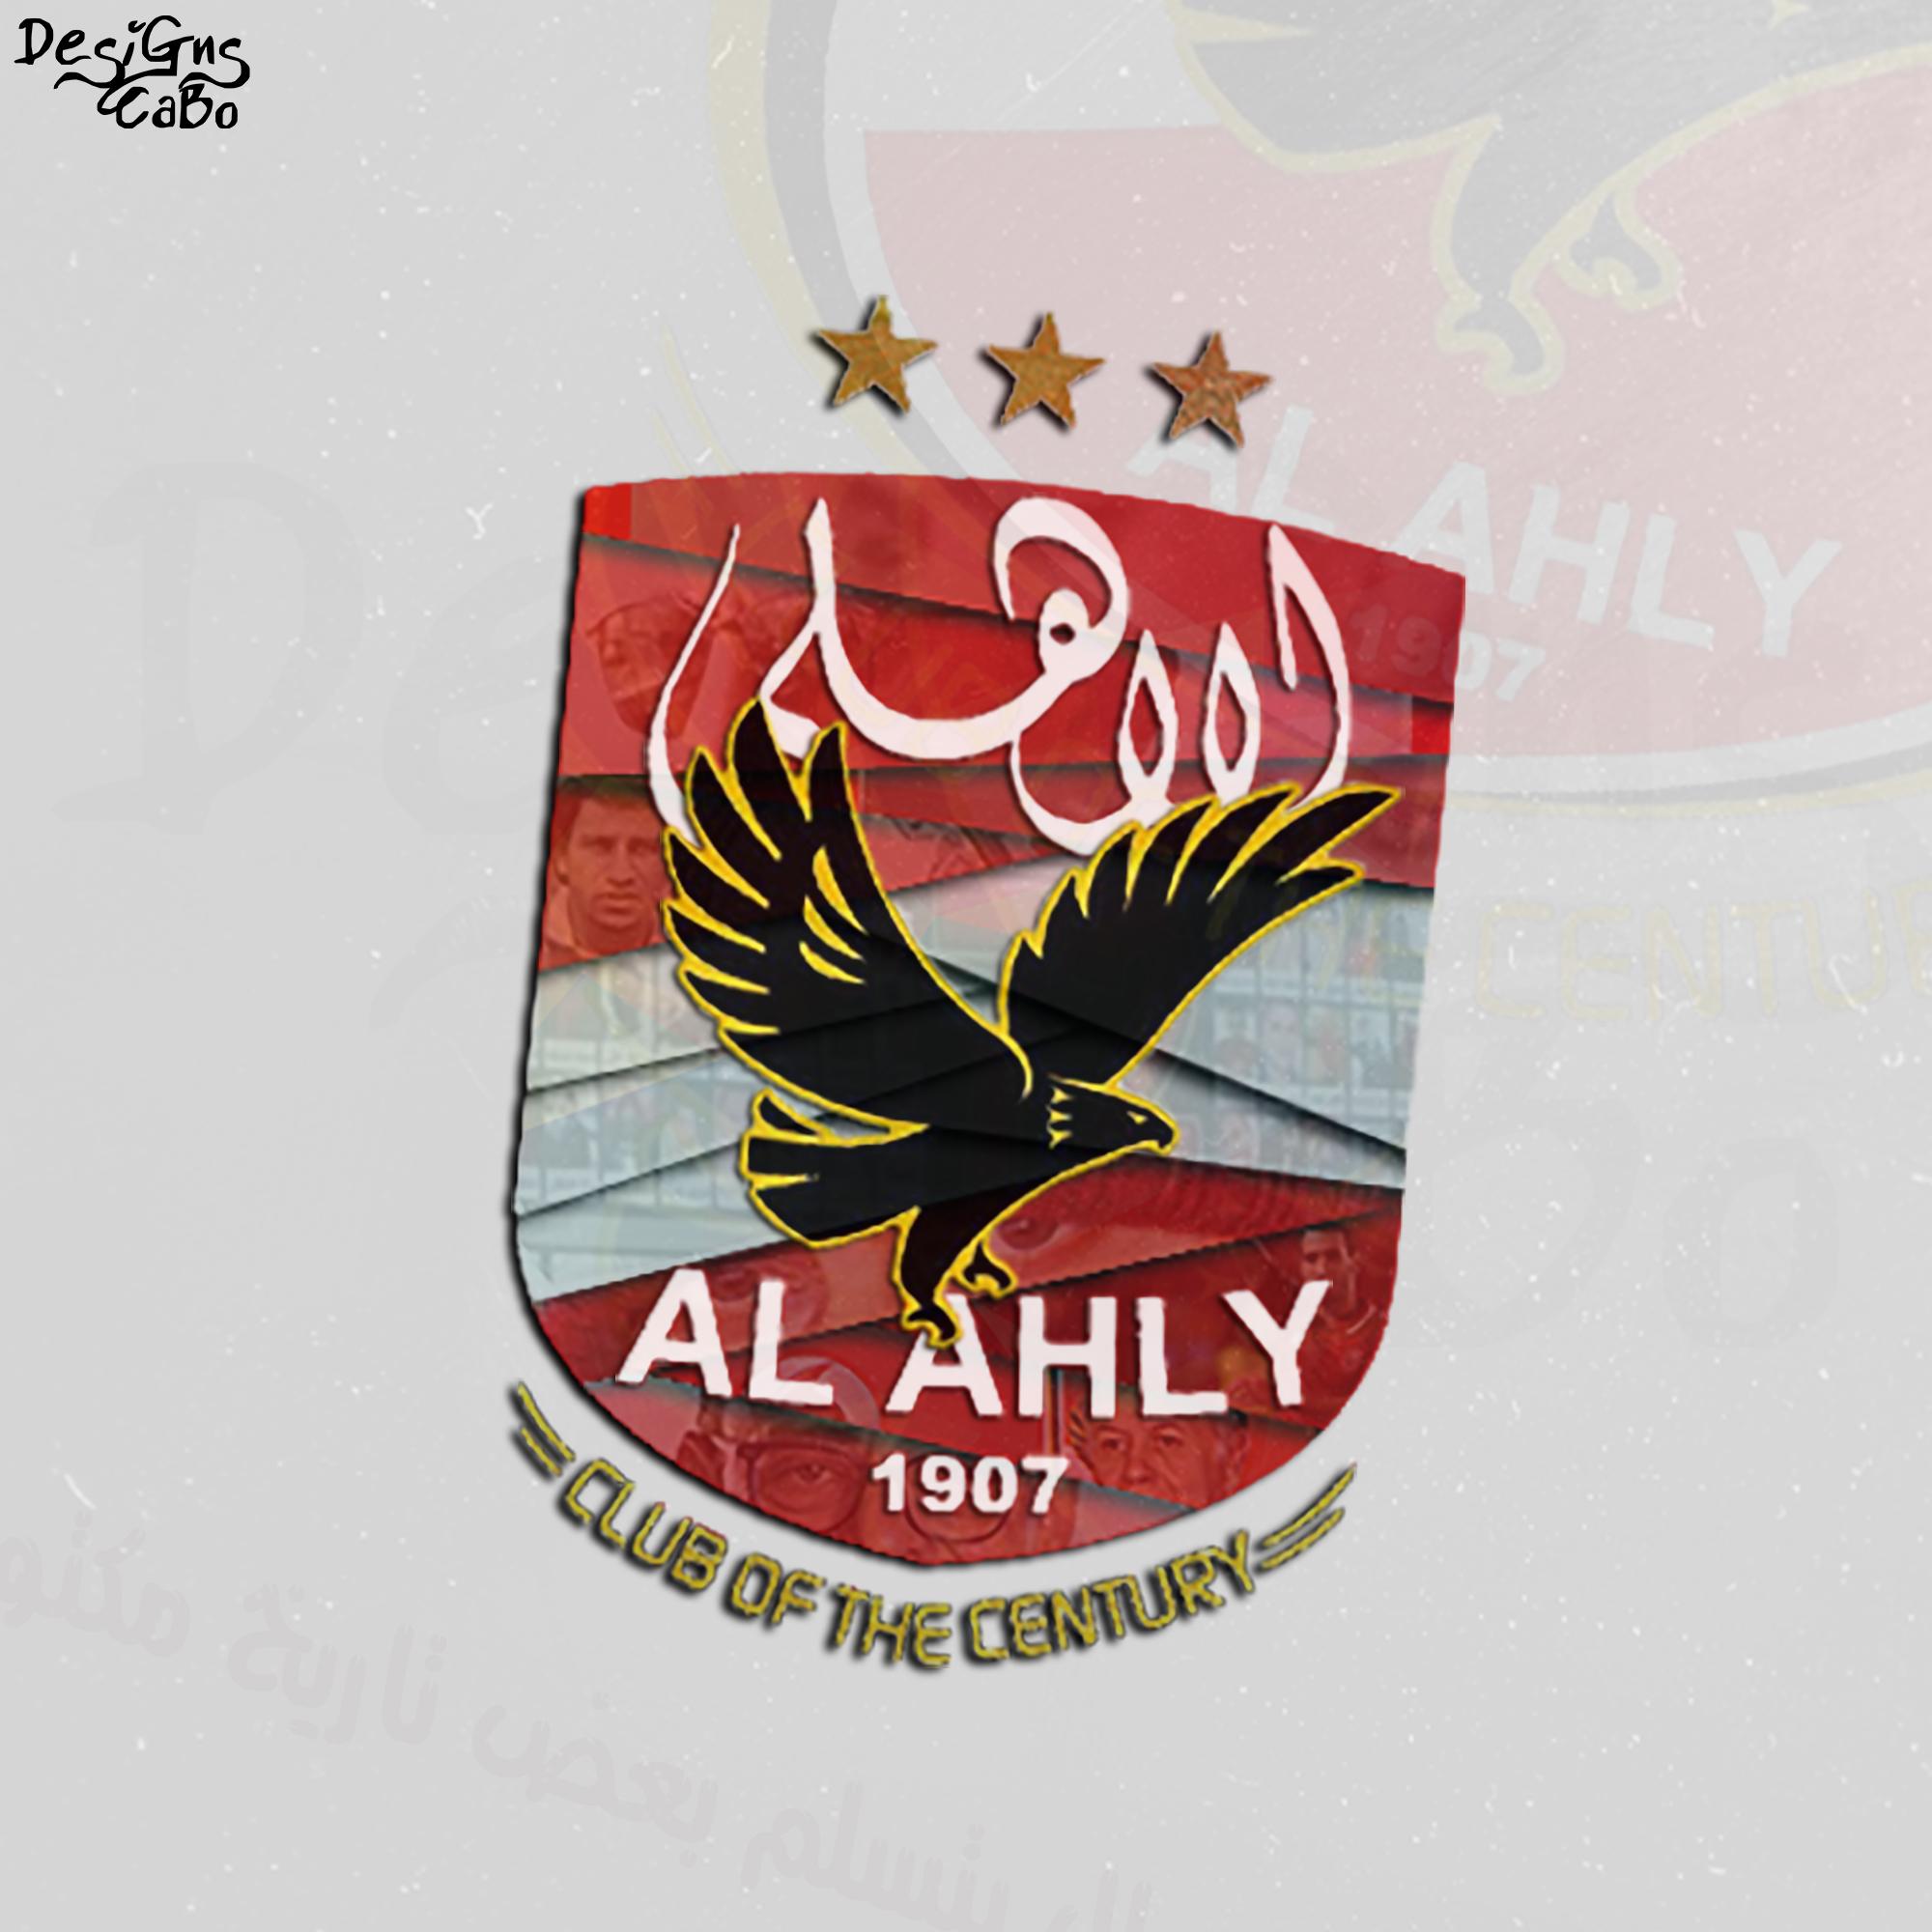 تصميم شعار النادي الأهلي بالصور مستقل